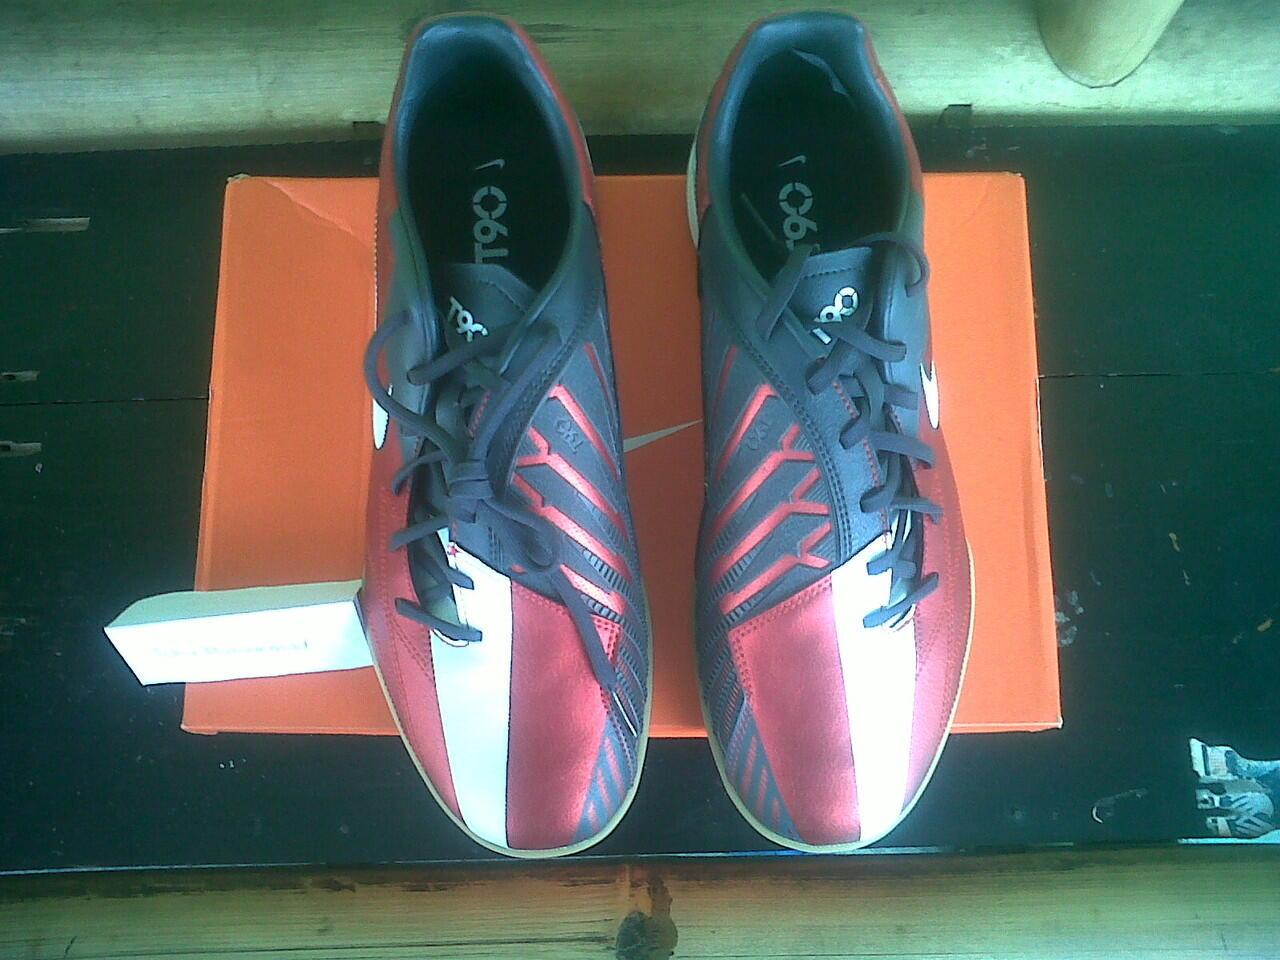 jual sepatu futsal Nike T90 shoot ic Merah putih 100% original baru